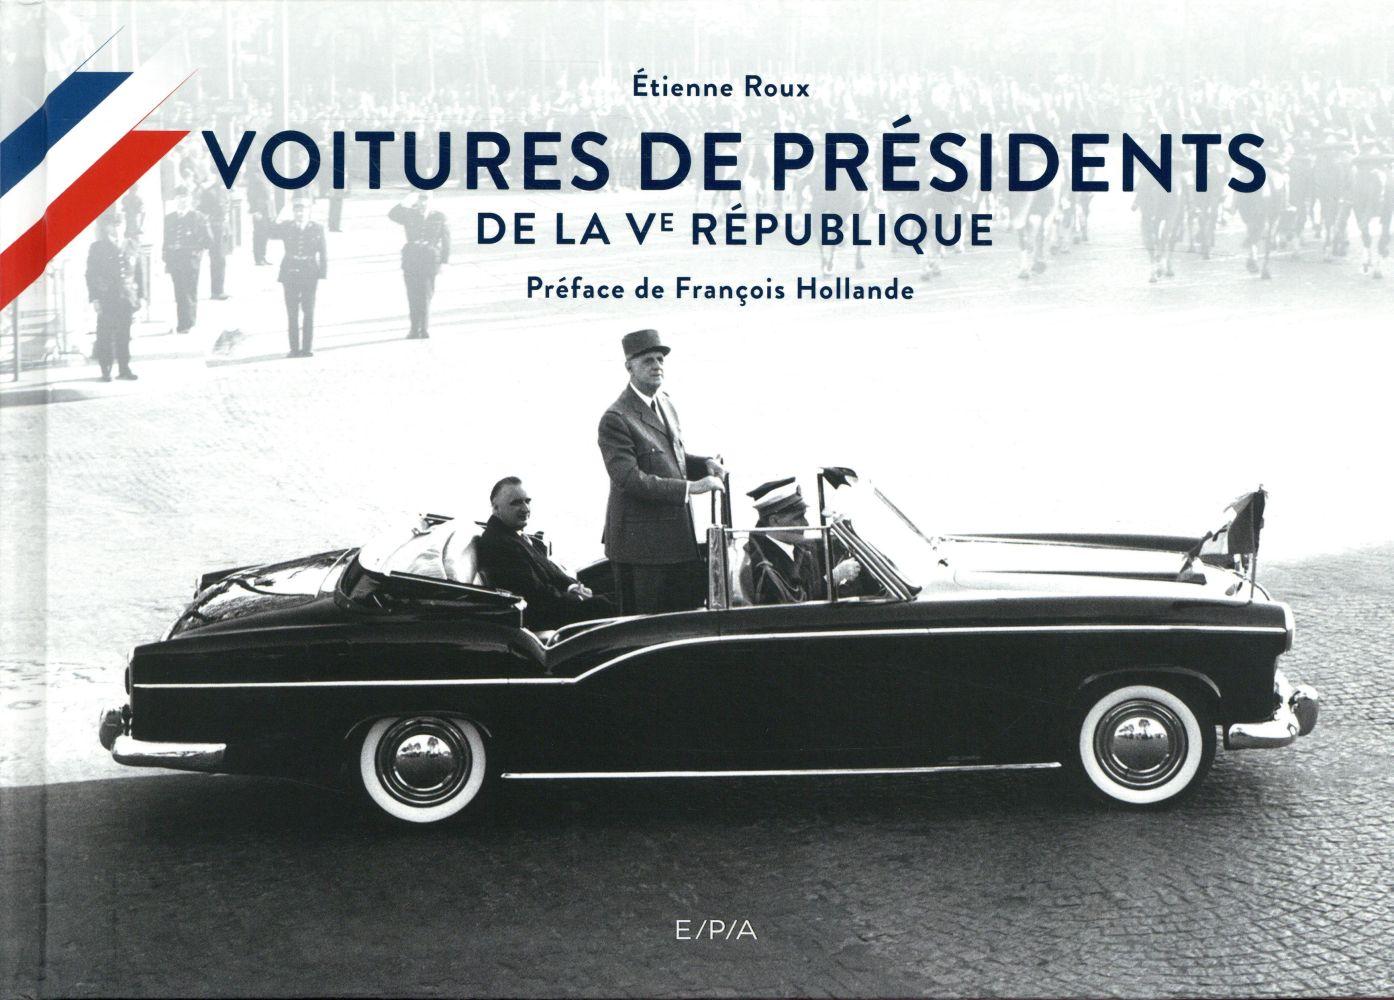 Voitures de présidents ; de la Ve république